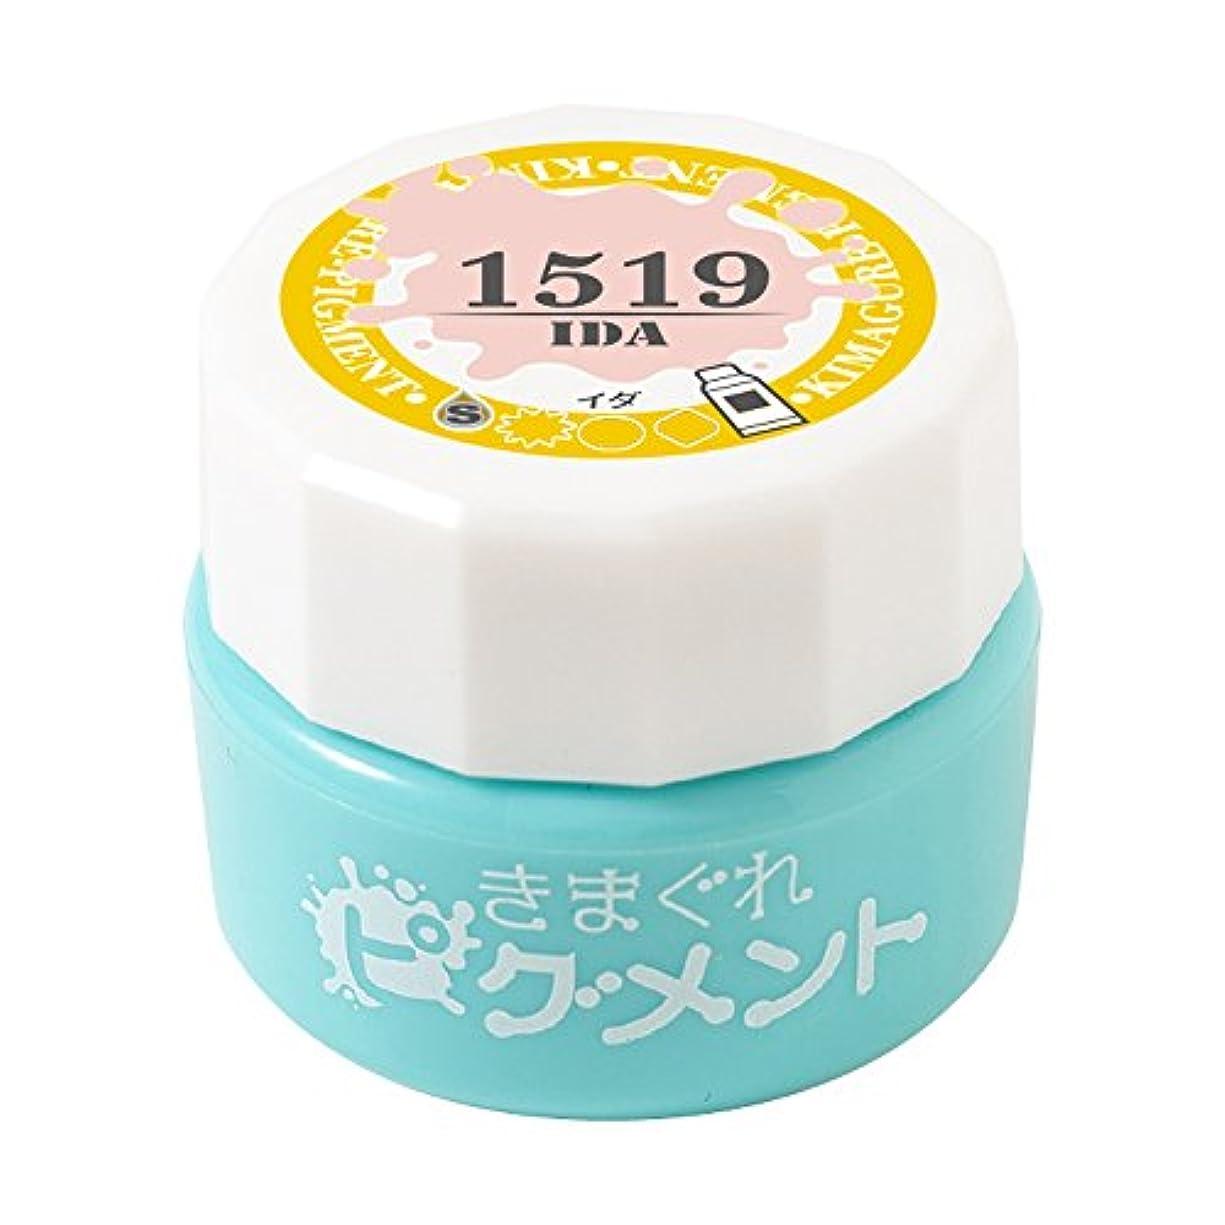 熟練した眉をひそめる洗うBettygel きまぐれピグメント イダ QYJ-1519 4g UV/LED対応